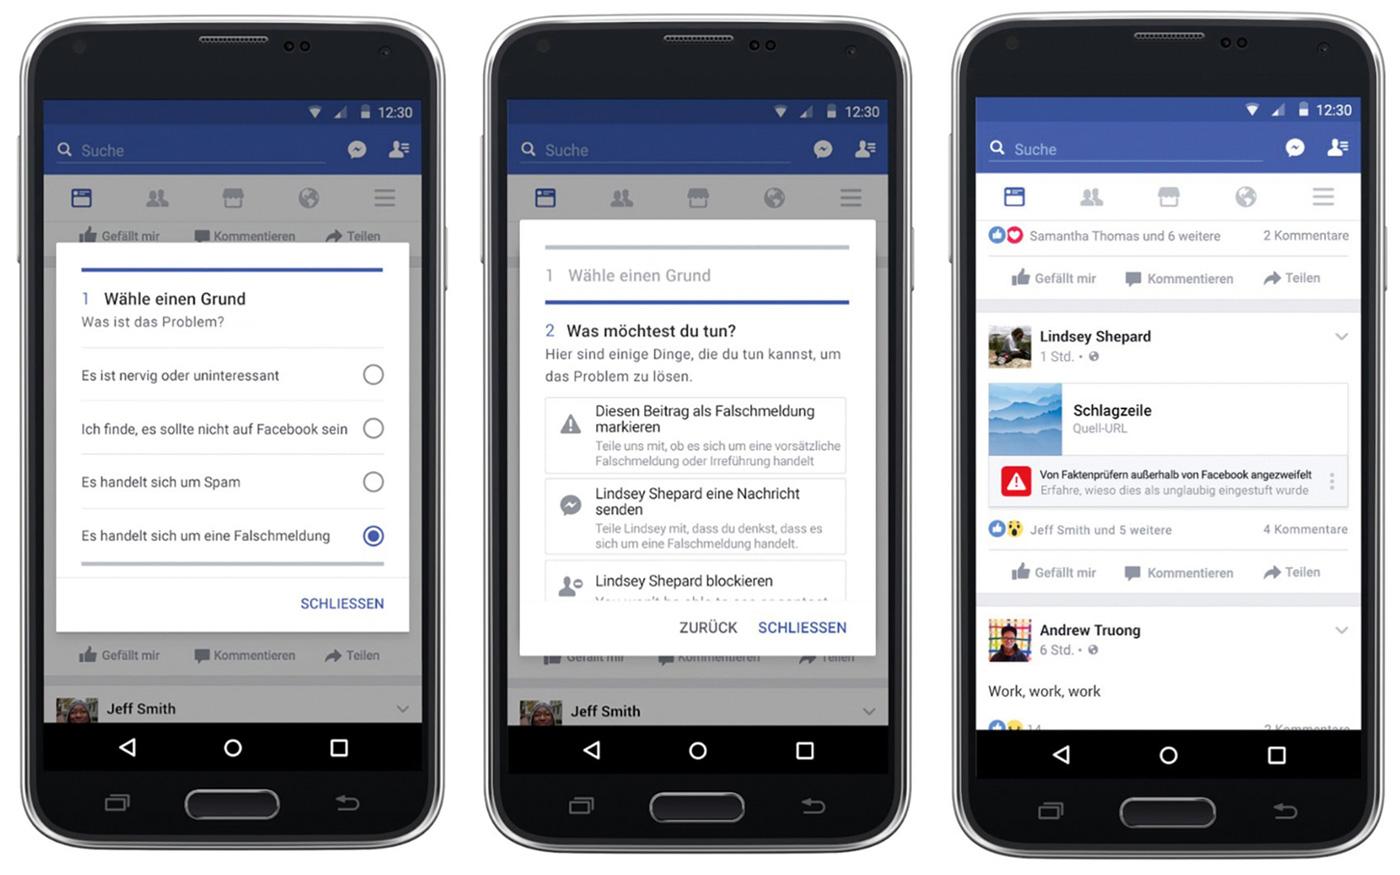 Facebook Maßnahme gegen Fake-News